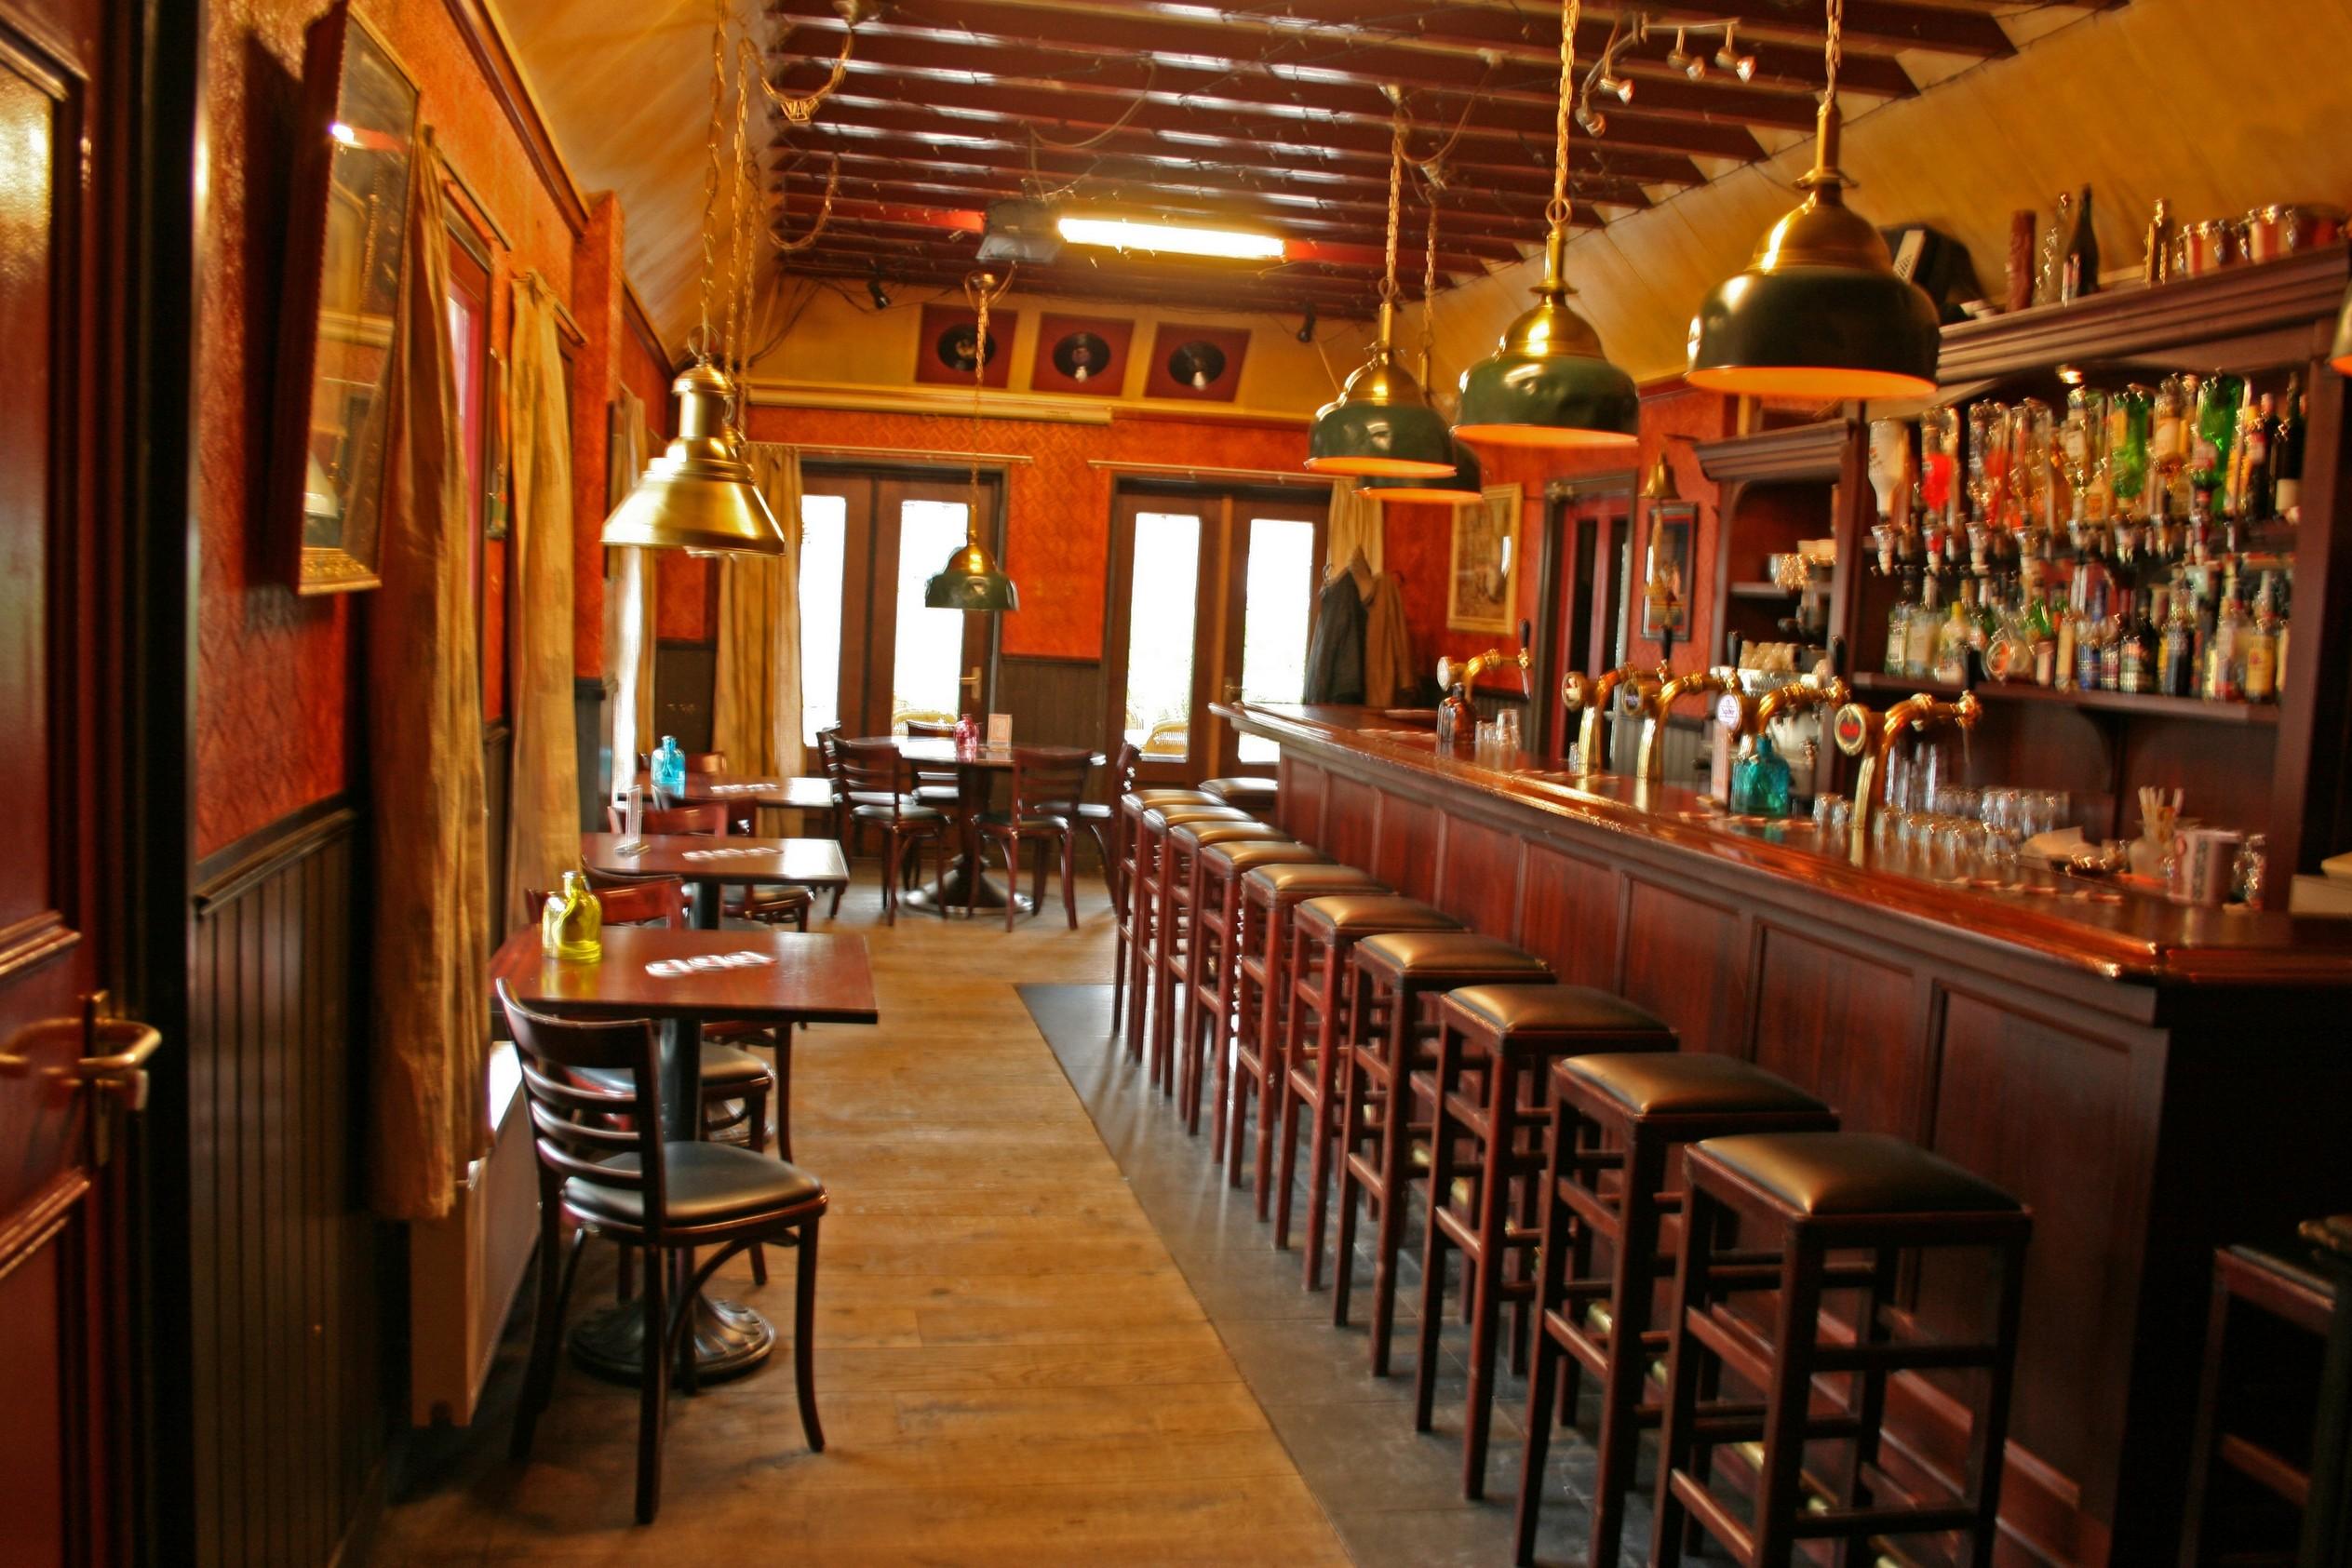 20090316 lichtb cafe de br'ij ovz ri voorgev